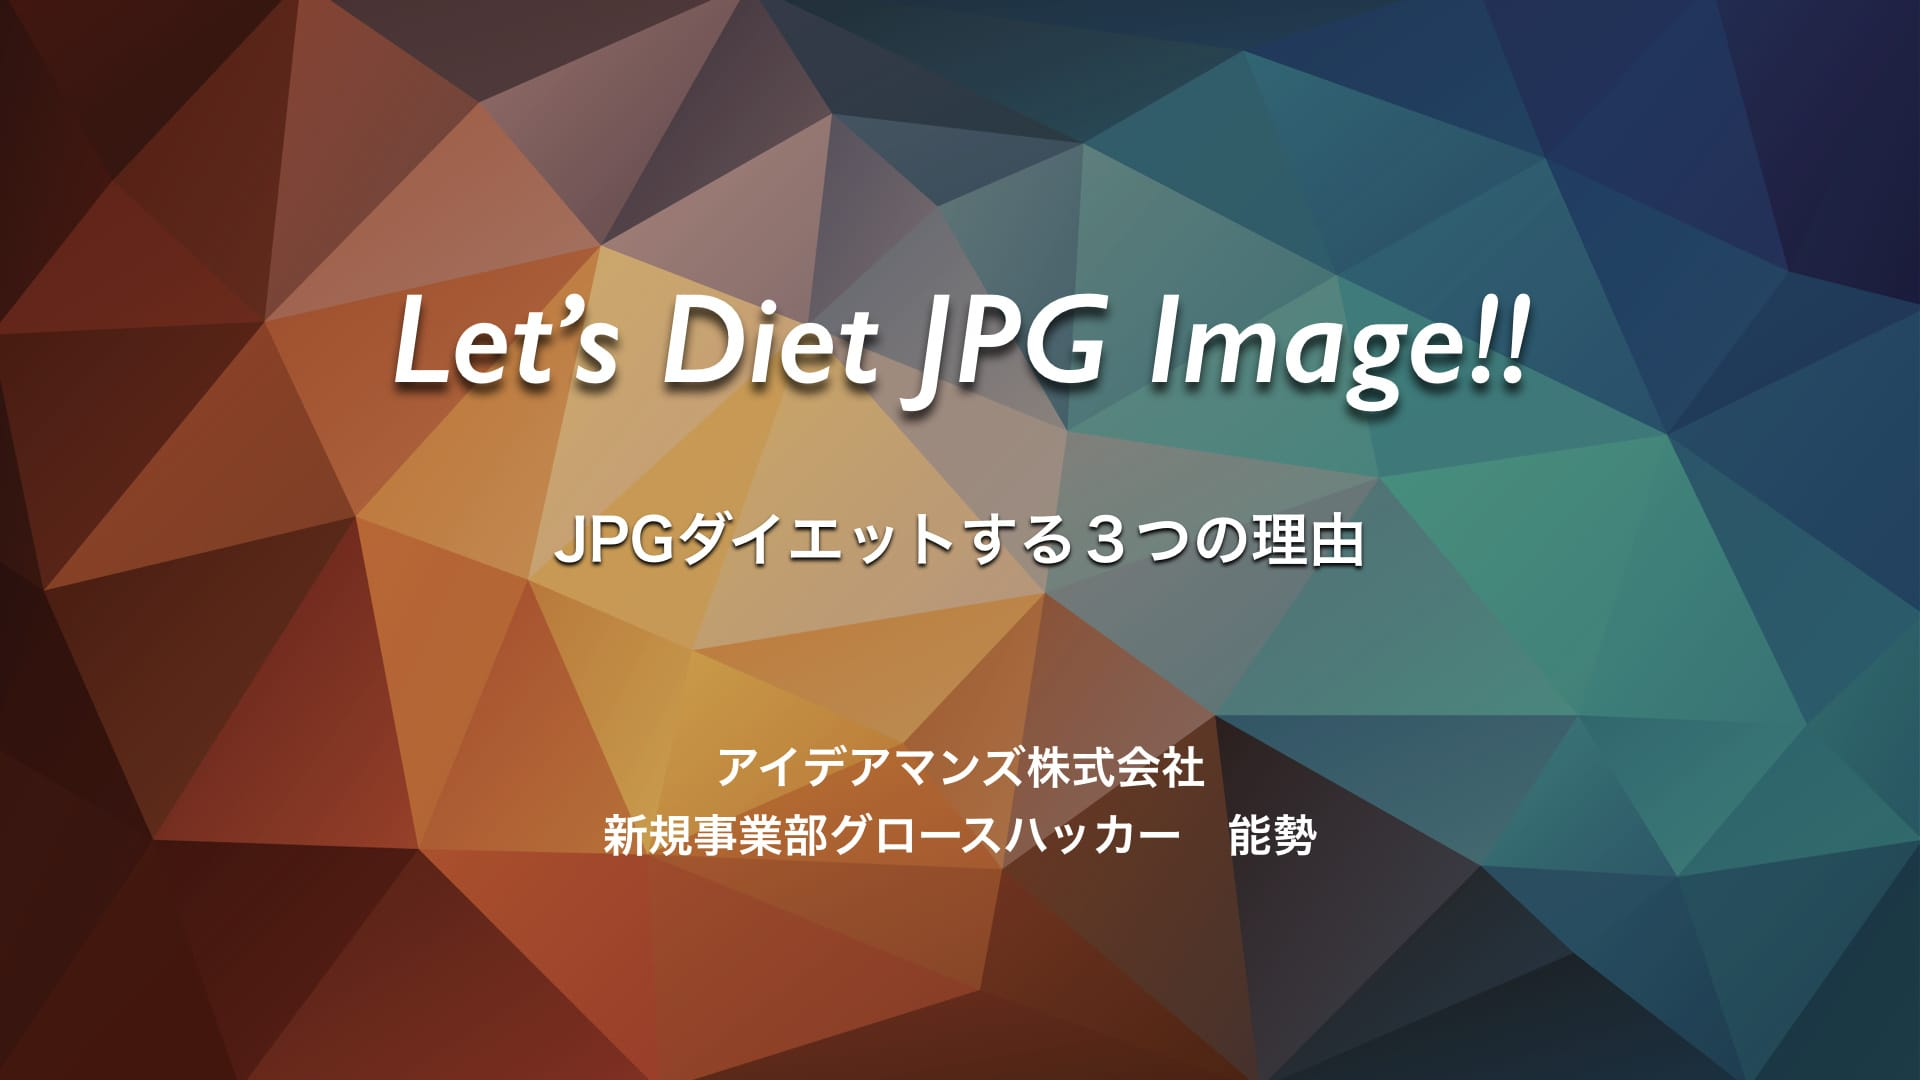 [MTDDC] JPGダイエットをする3つの理由、画像ファイルはしっかりと軽量化しましょう!